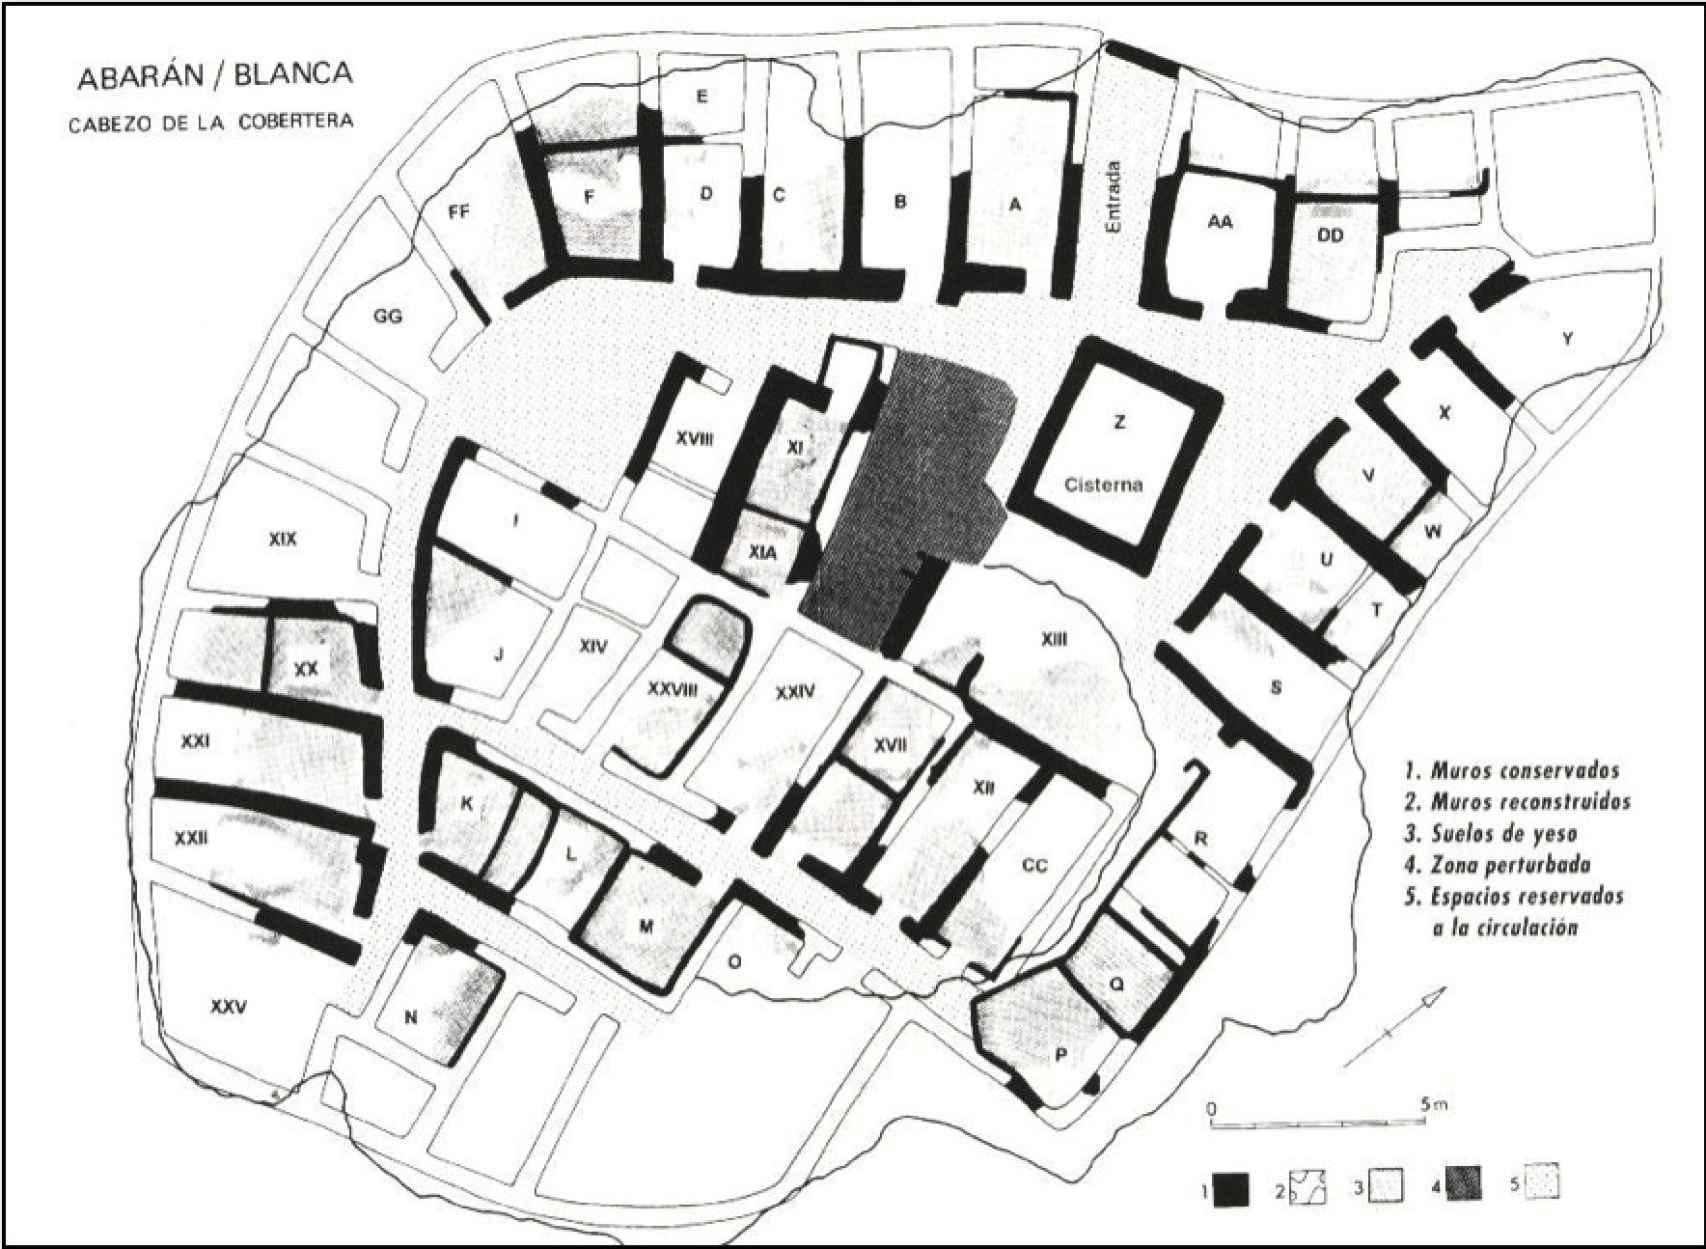 Plano realizado durante las excavaciones en el sitio.